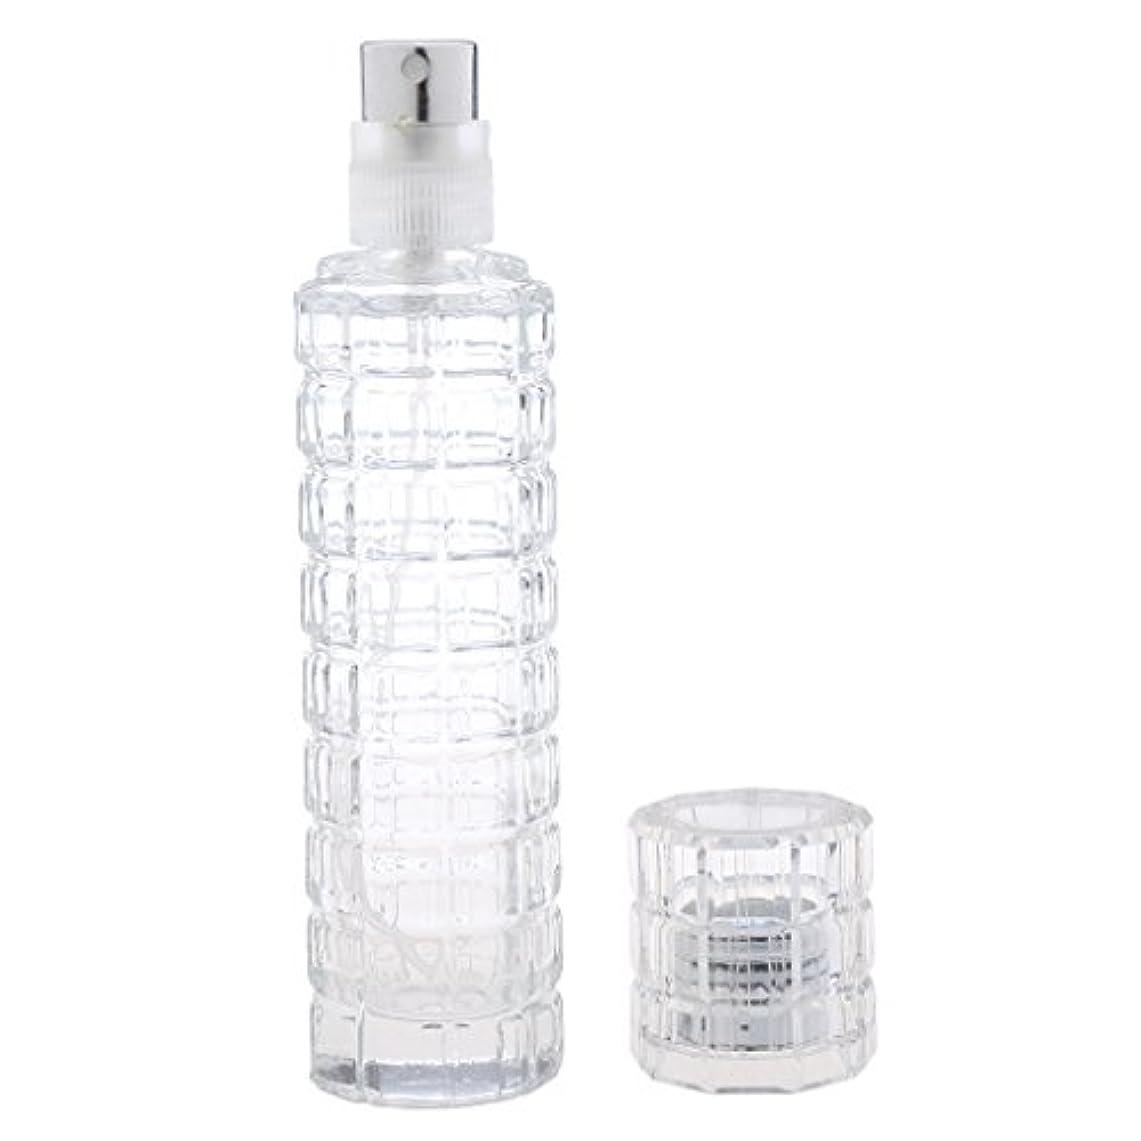 ソファー悲観主義者その可愛い 空 香水ボトル ガラス 香水瓶 アトマイザー スプレー 旅行用 30ml 便利 クリア